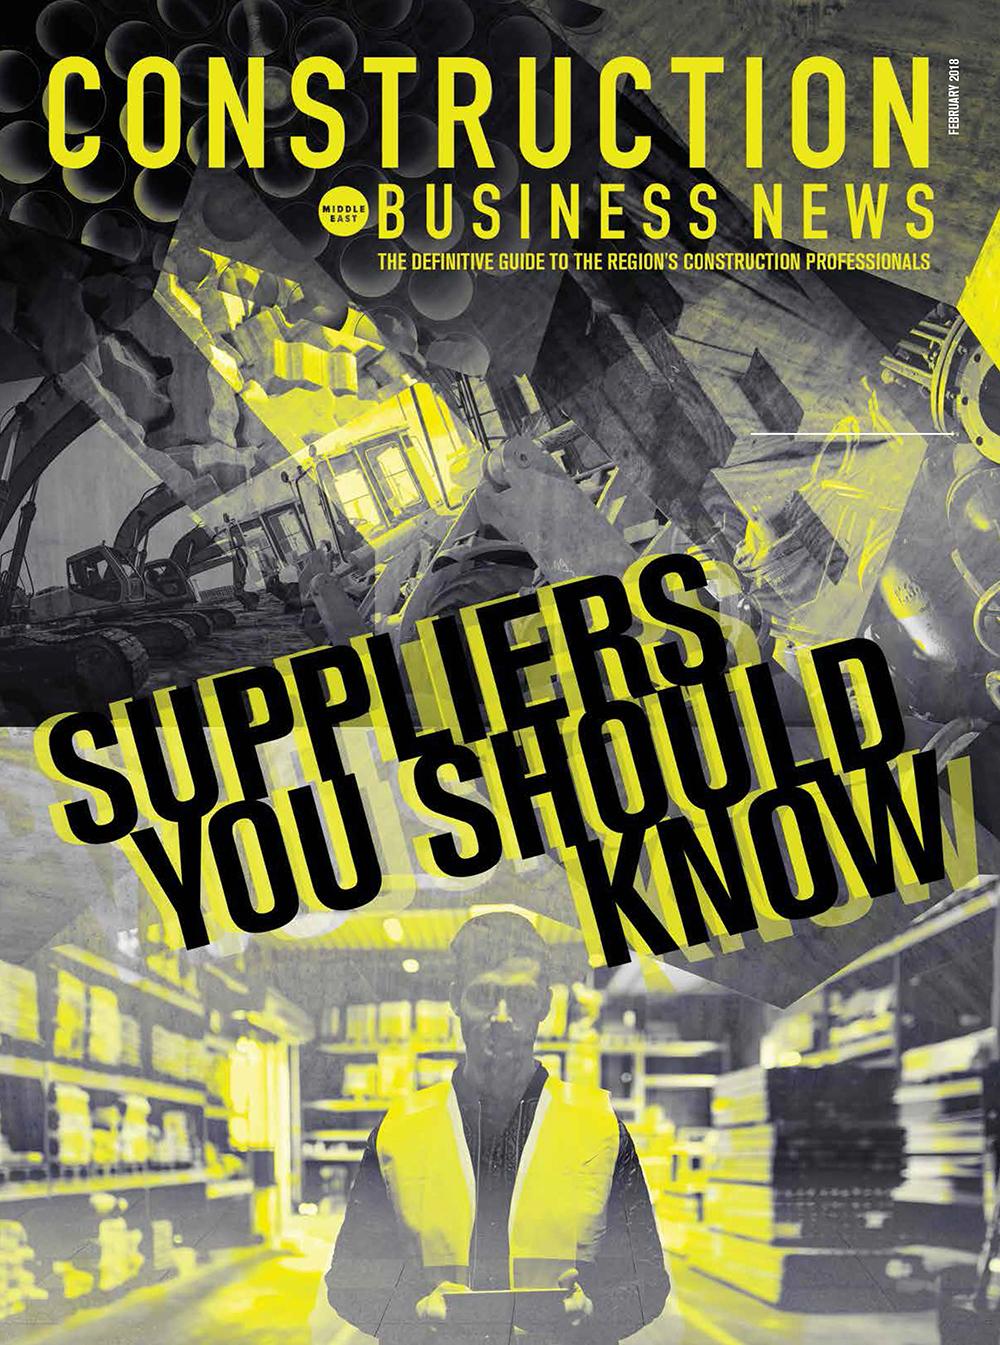 http://www.cbnme.com/magazines/construction-business-news-february-2018/